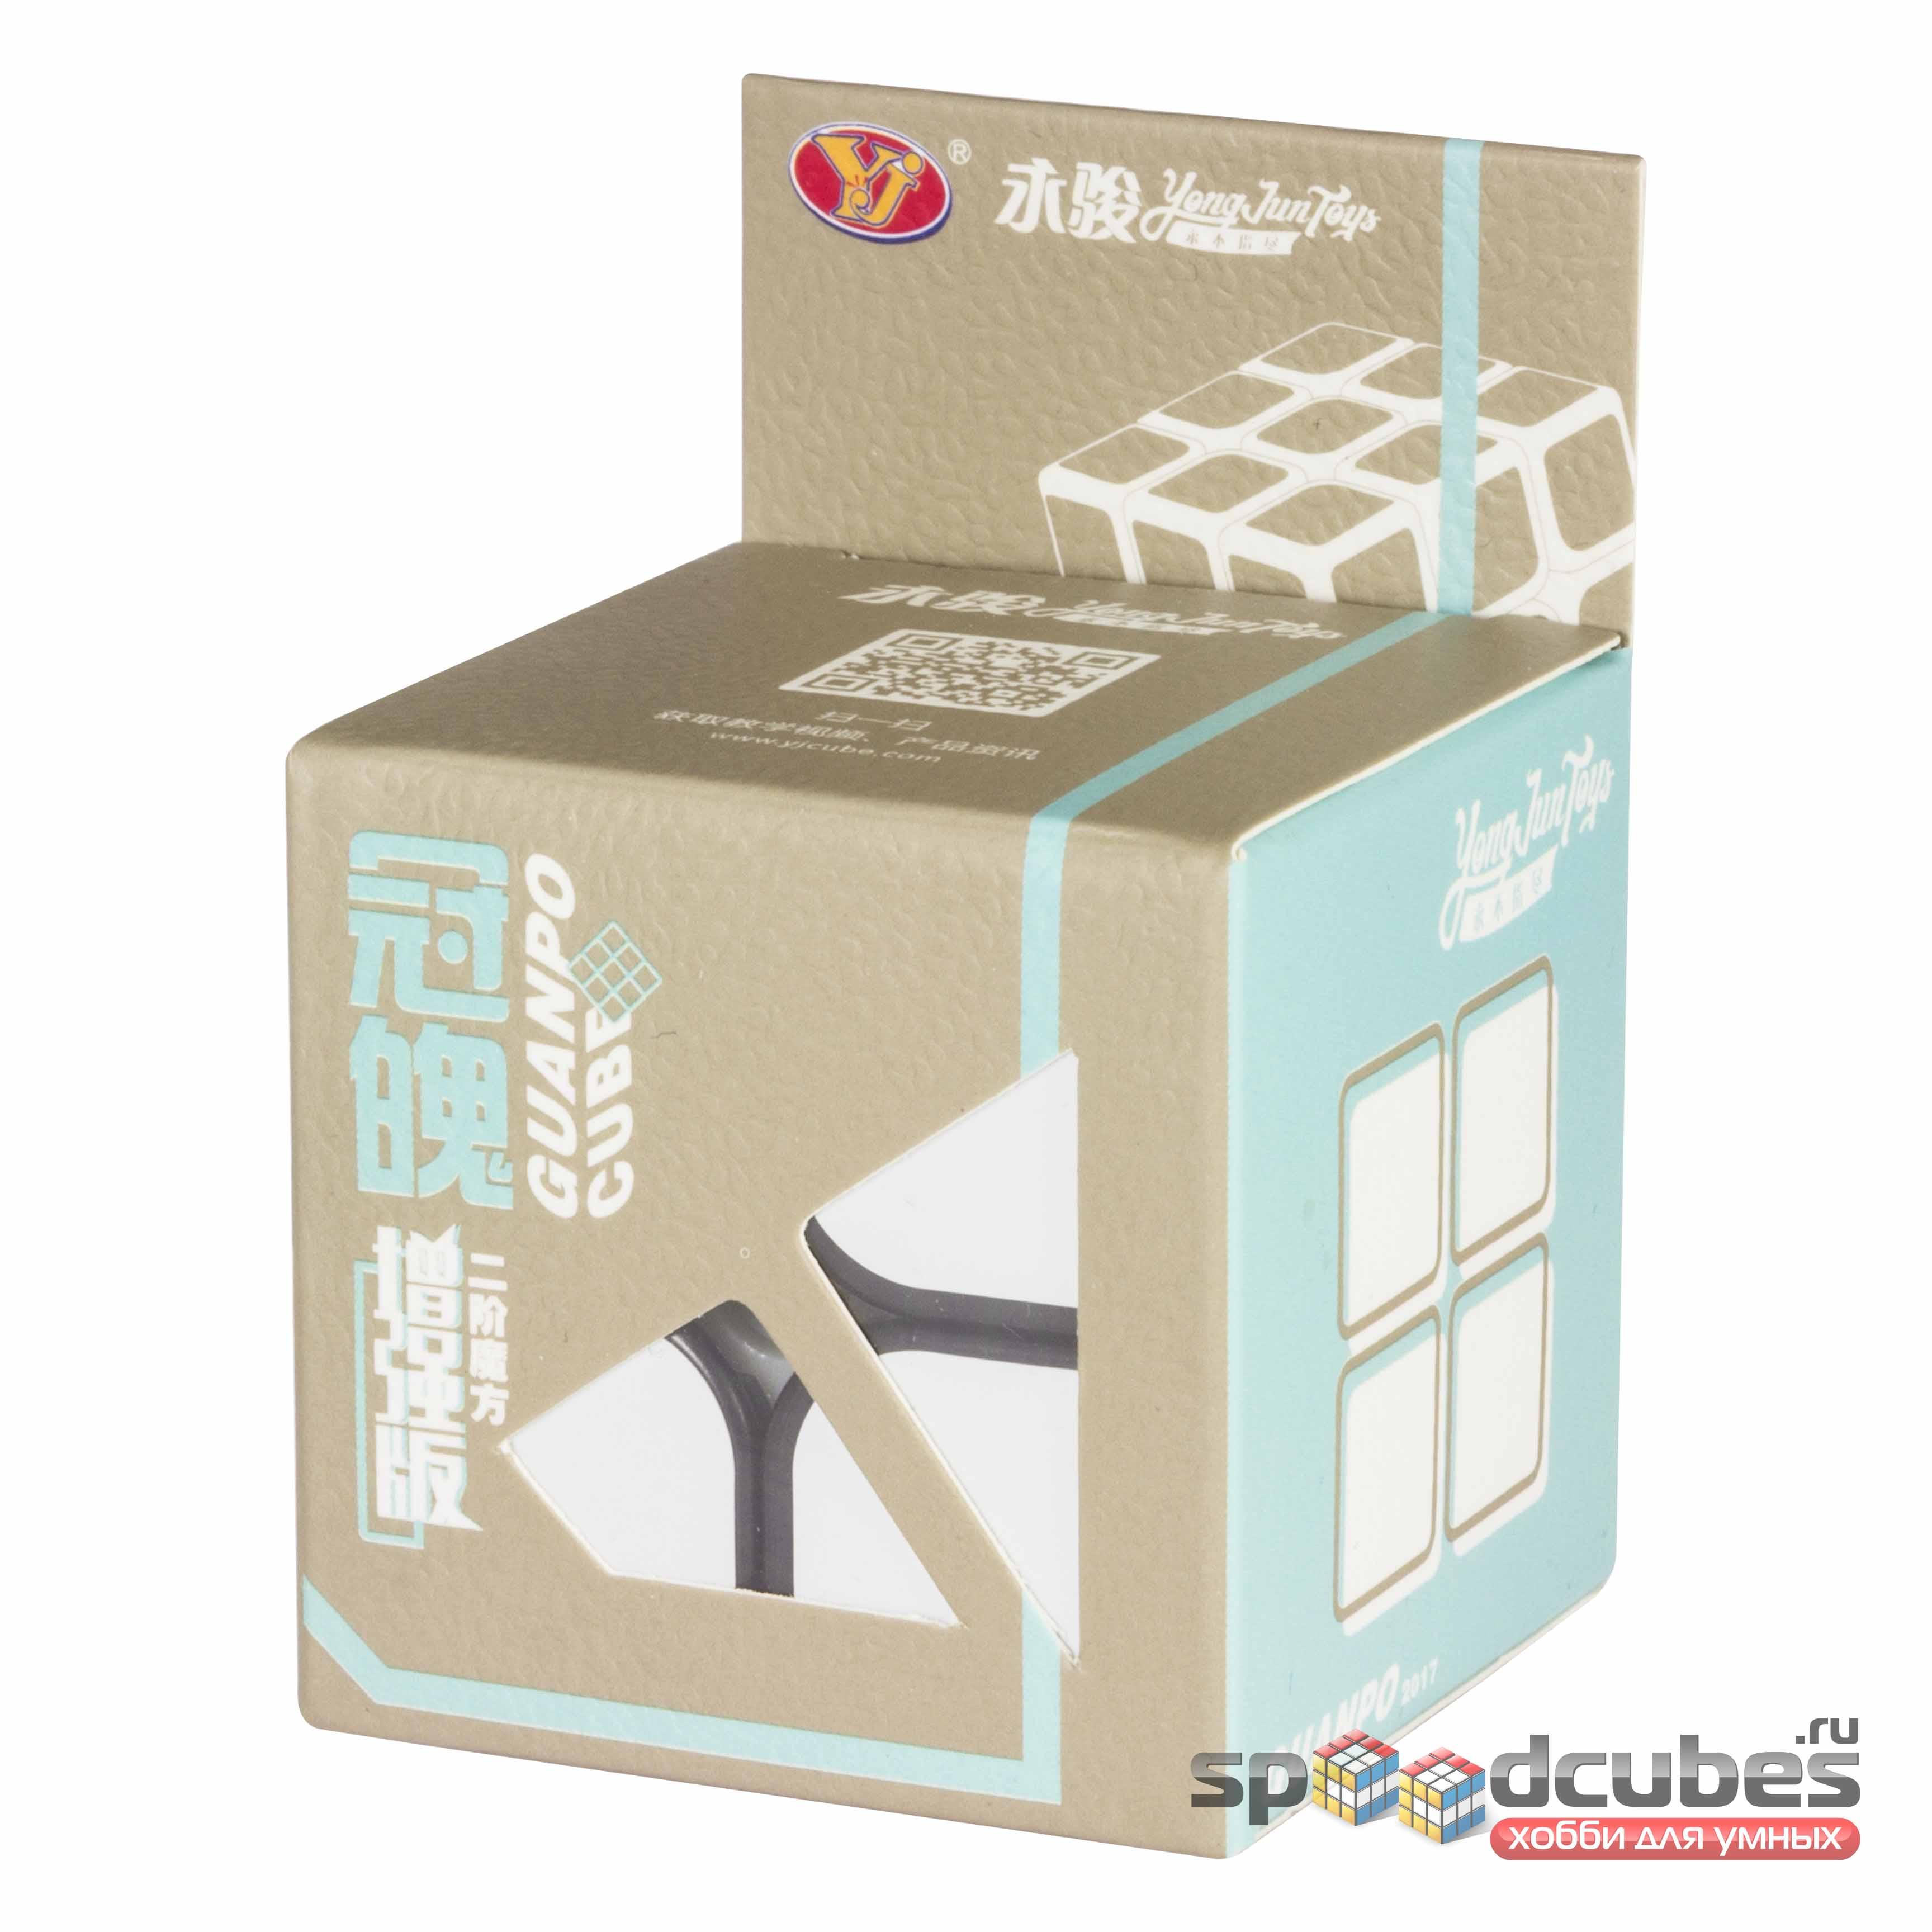 MoYu (YJ) 2x2x2 Guanpo Plus 1